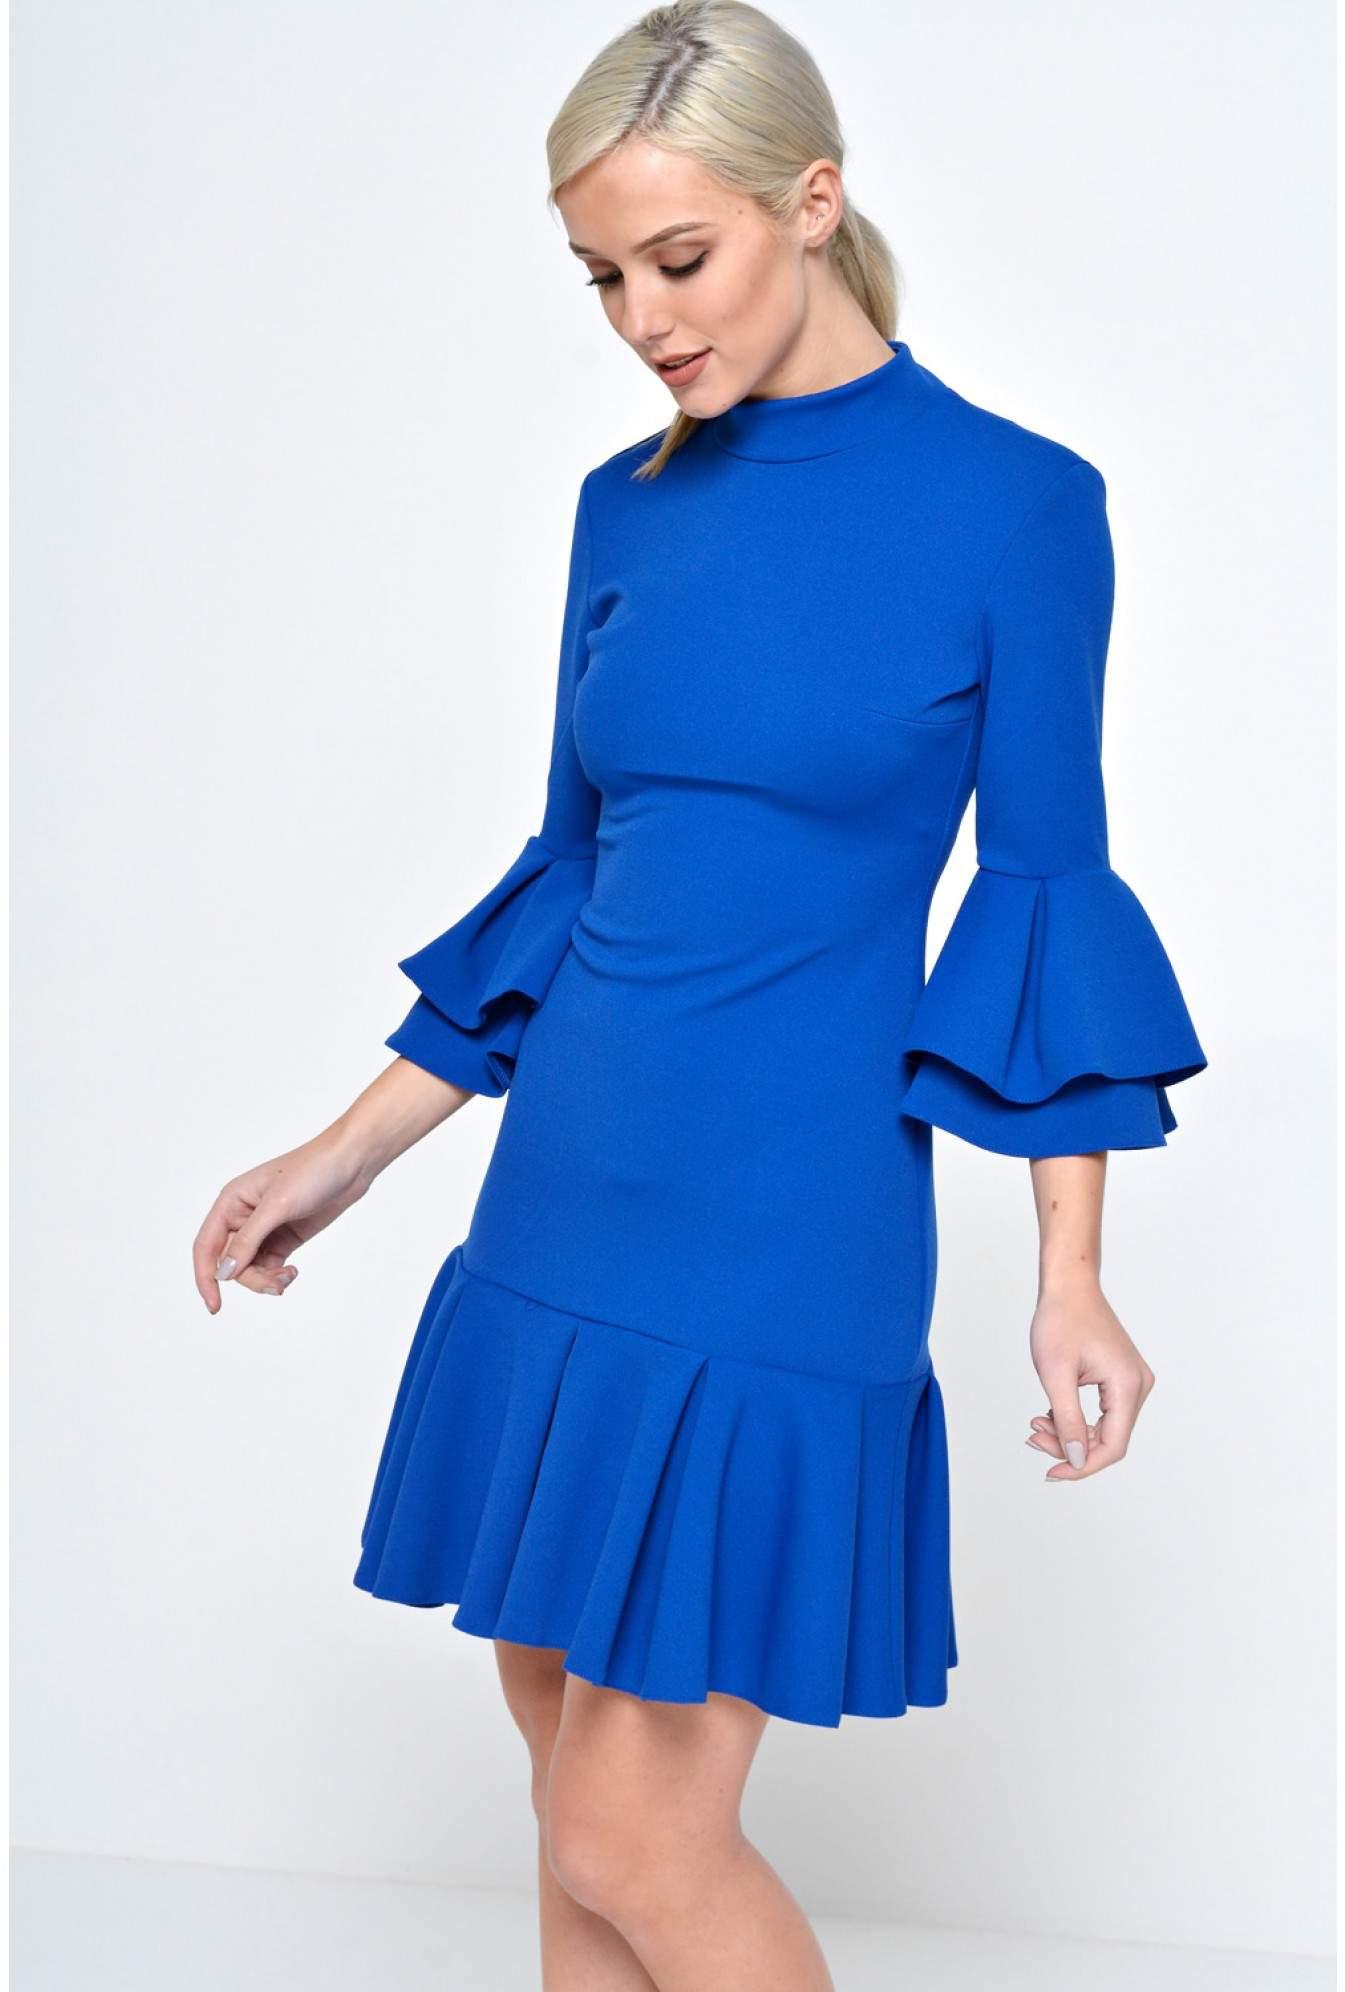 db7d4a9610b Ad Lib Lonnie Frill Sleeve Dress in Blue